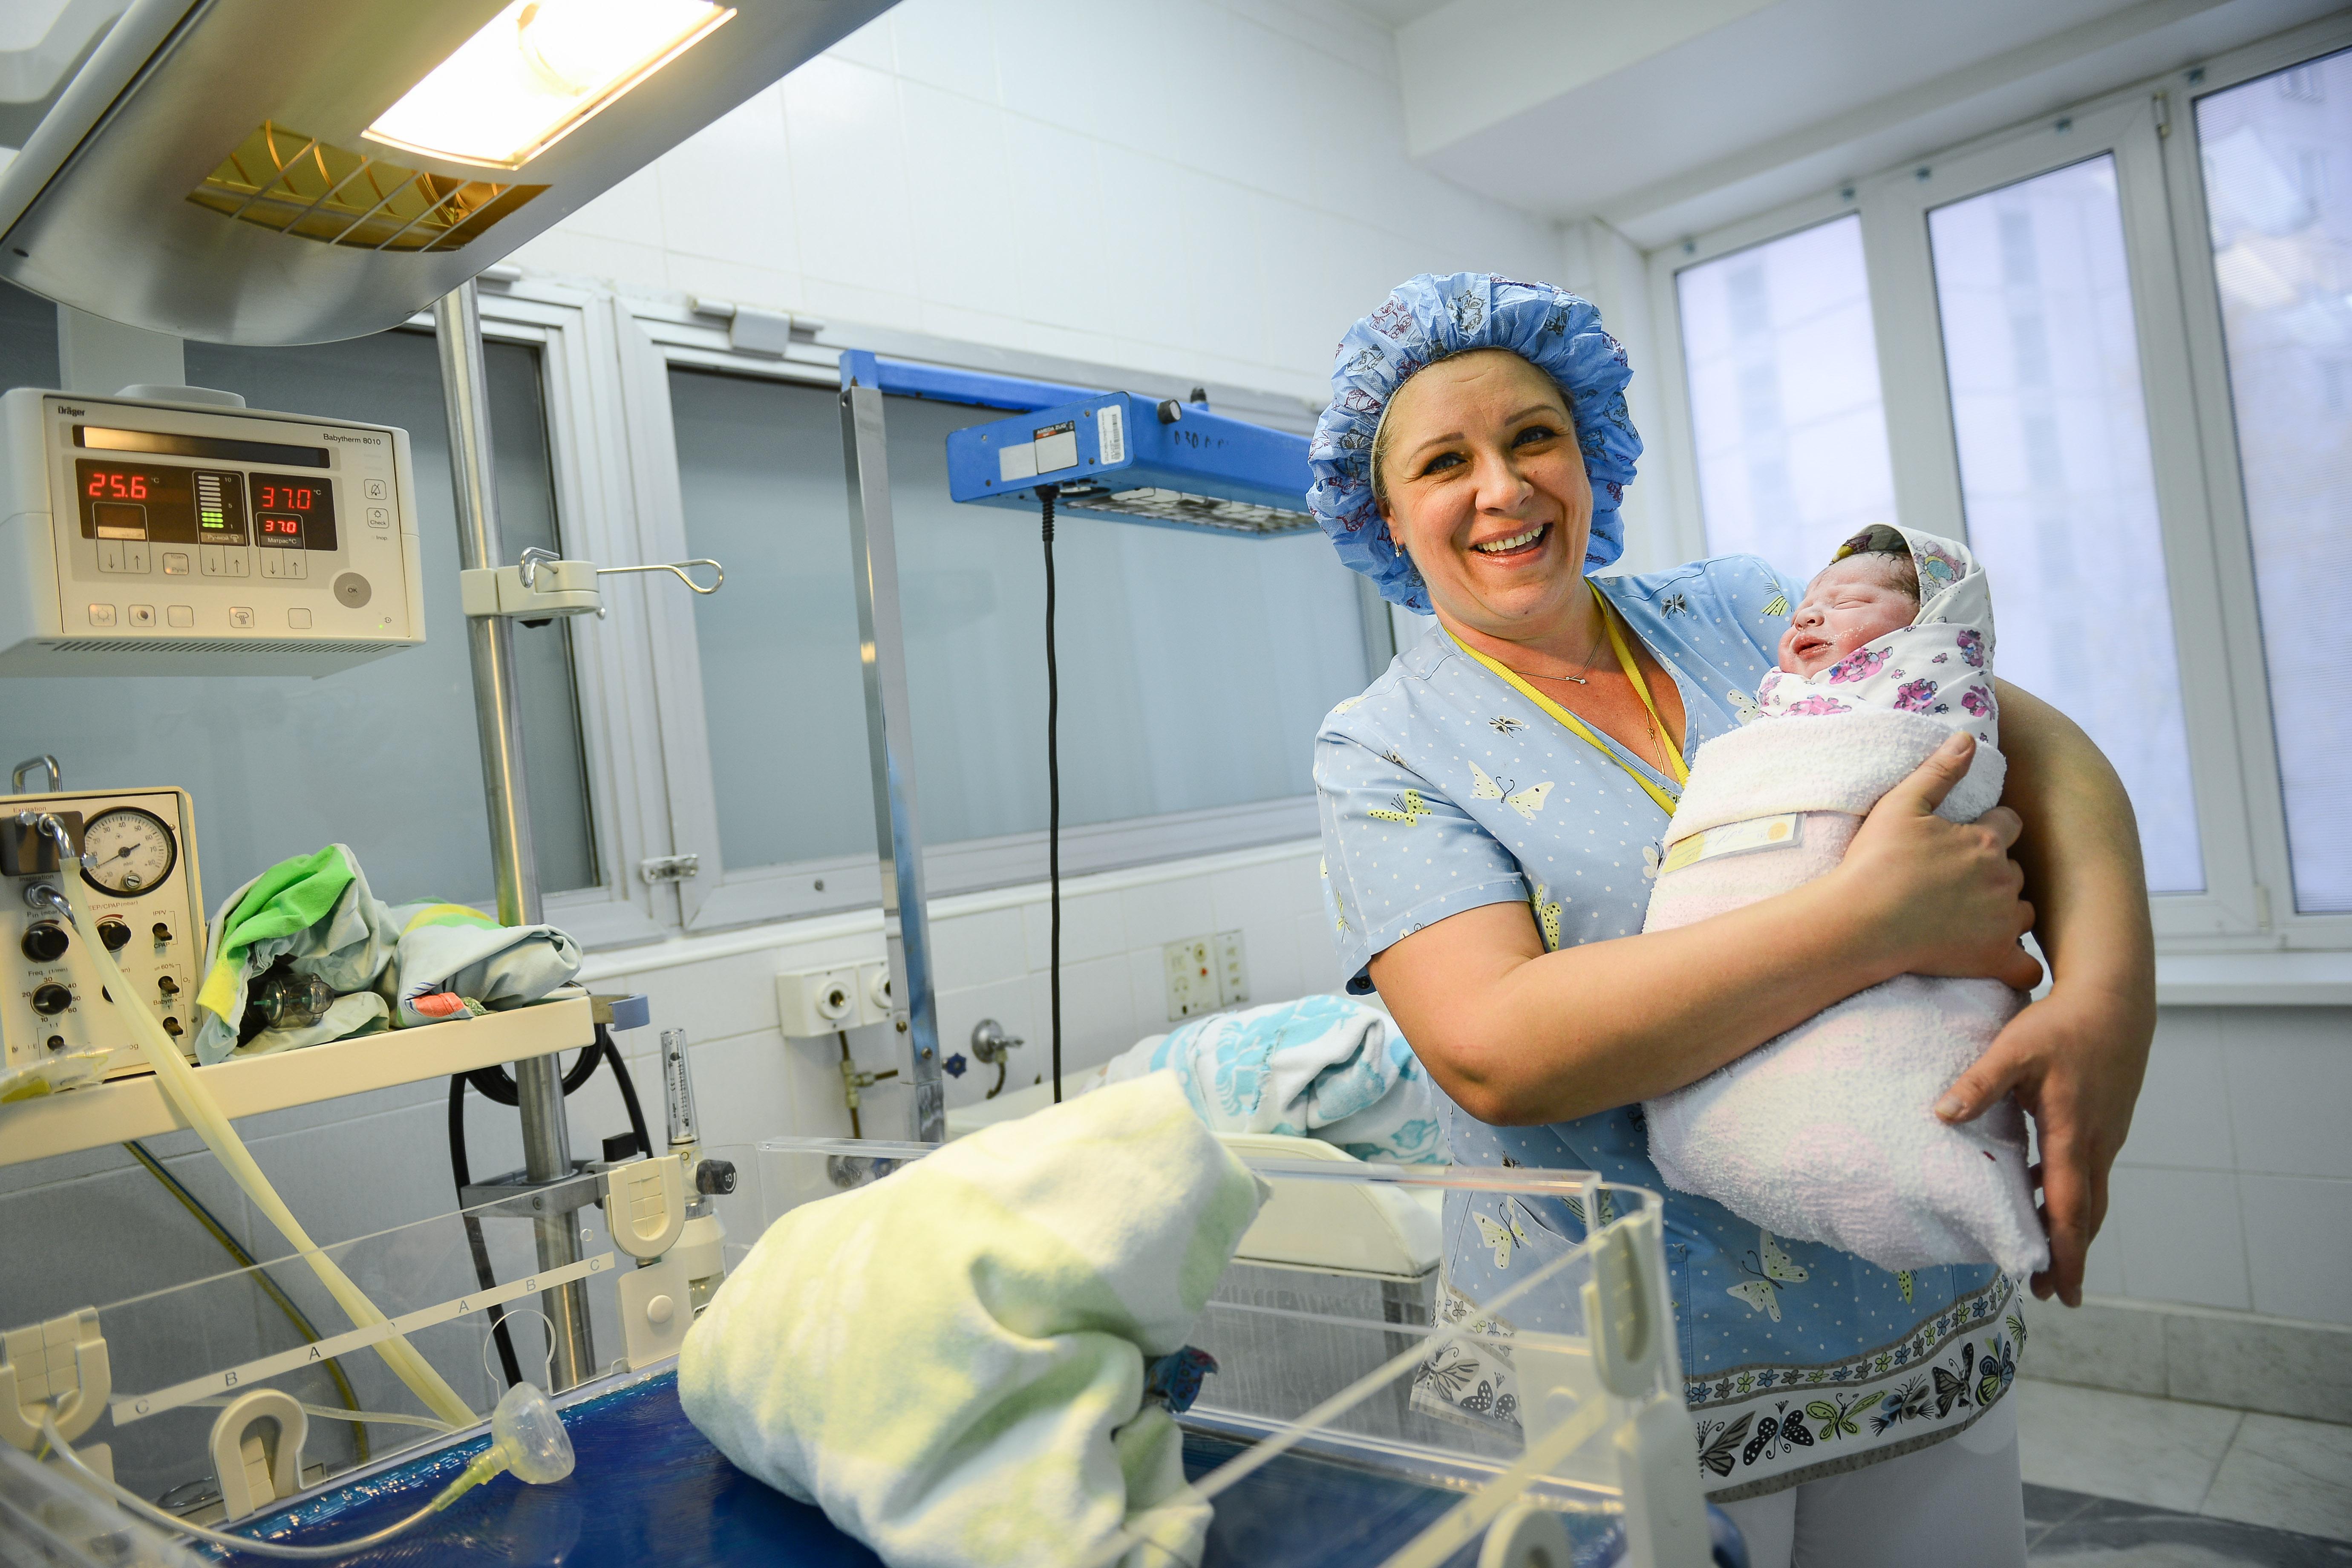 Статистика рождаемости в Краснопахорском улучшилась в 2018 году